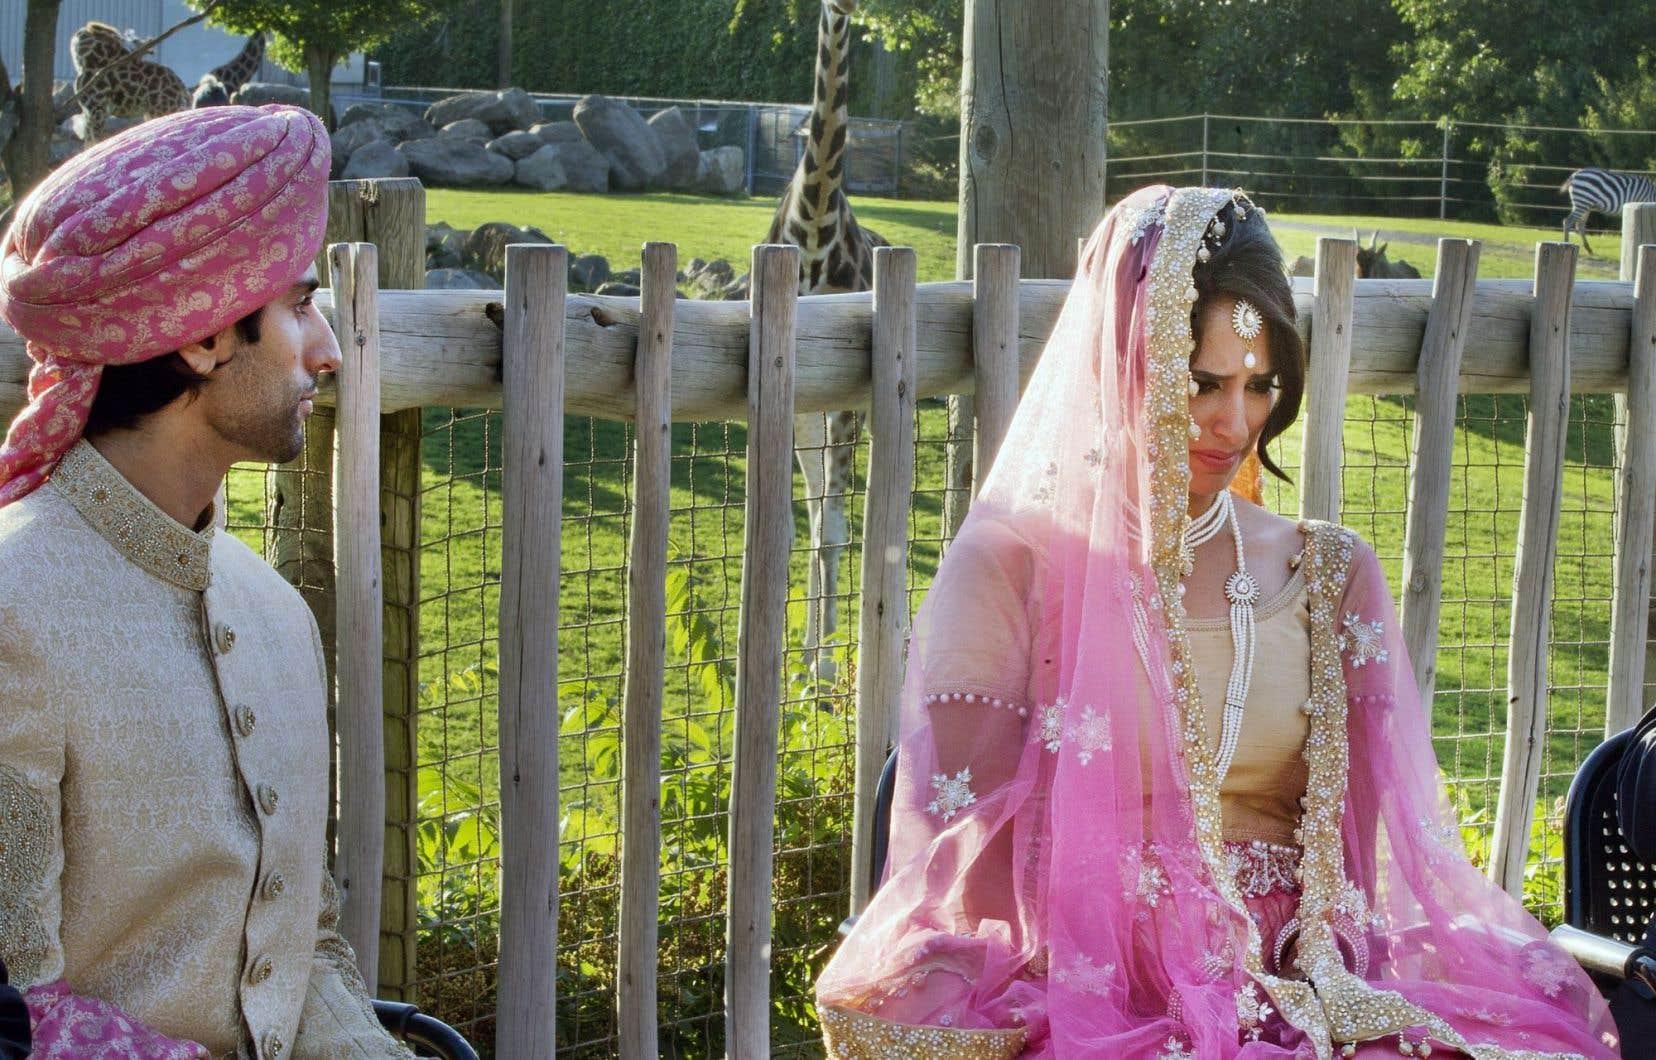 Fahad et Aalia ont convolé en justes noces samedi dernier en pleine savane africaine devant un soleil qui déclinait à l'horizon. Les jeunes mariés ont été envahis par l'émotion au cours de la cérémonie se déroulant au zoo de Granby.